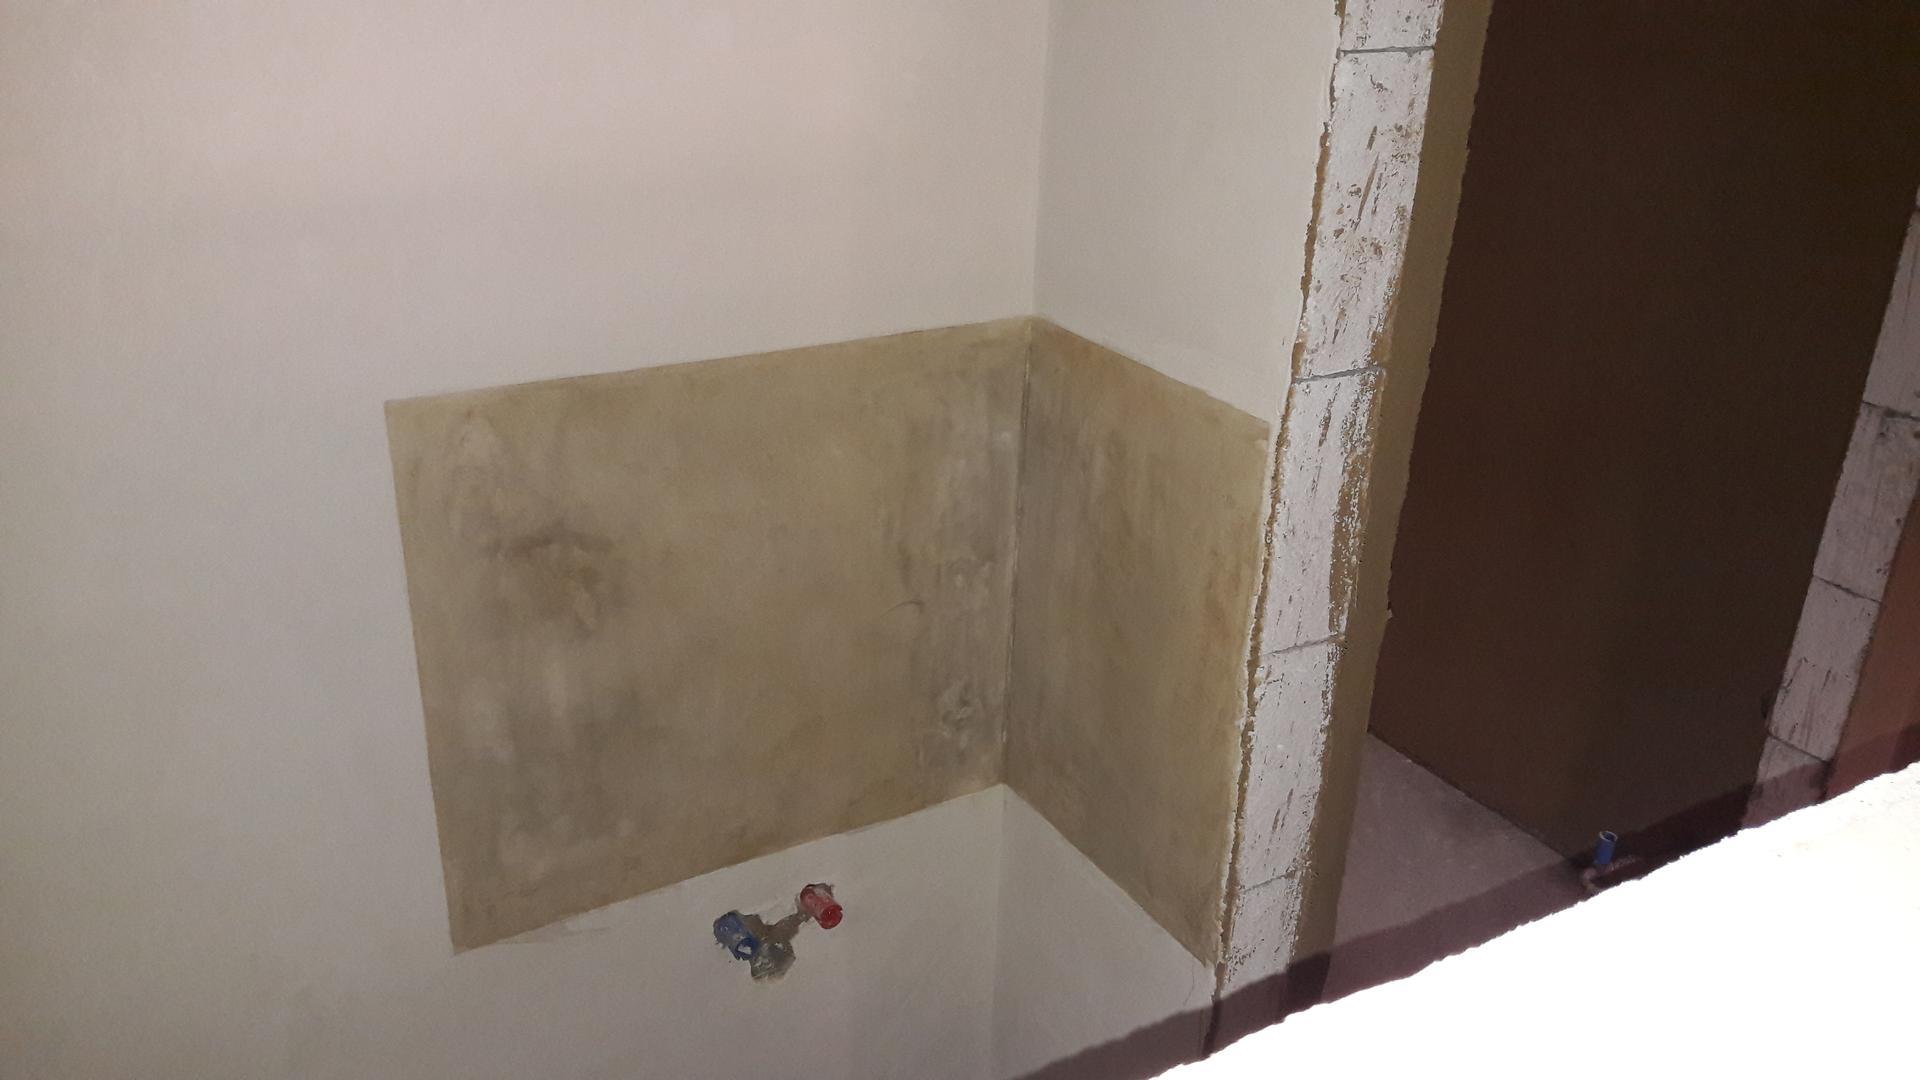 Hlinená chalupa a jej premeny - part 5 Jemné hlinené omietky a sgrafito - Marocký štuk vo wc namiesto obkladačiek,